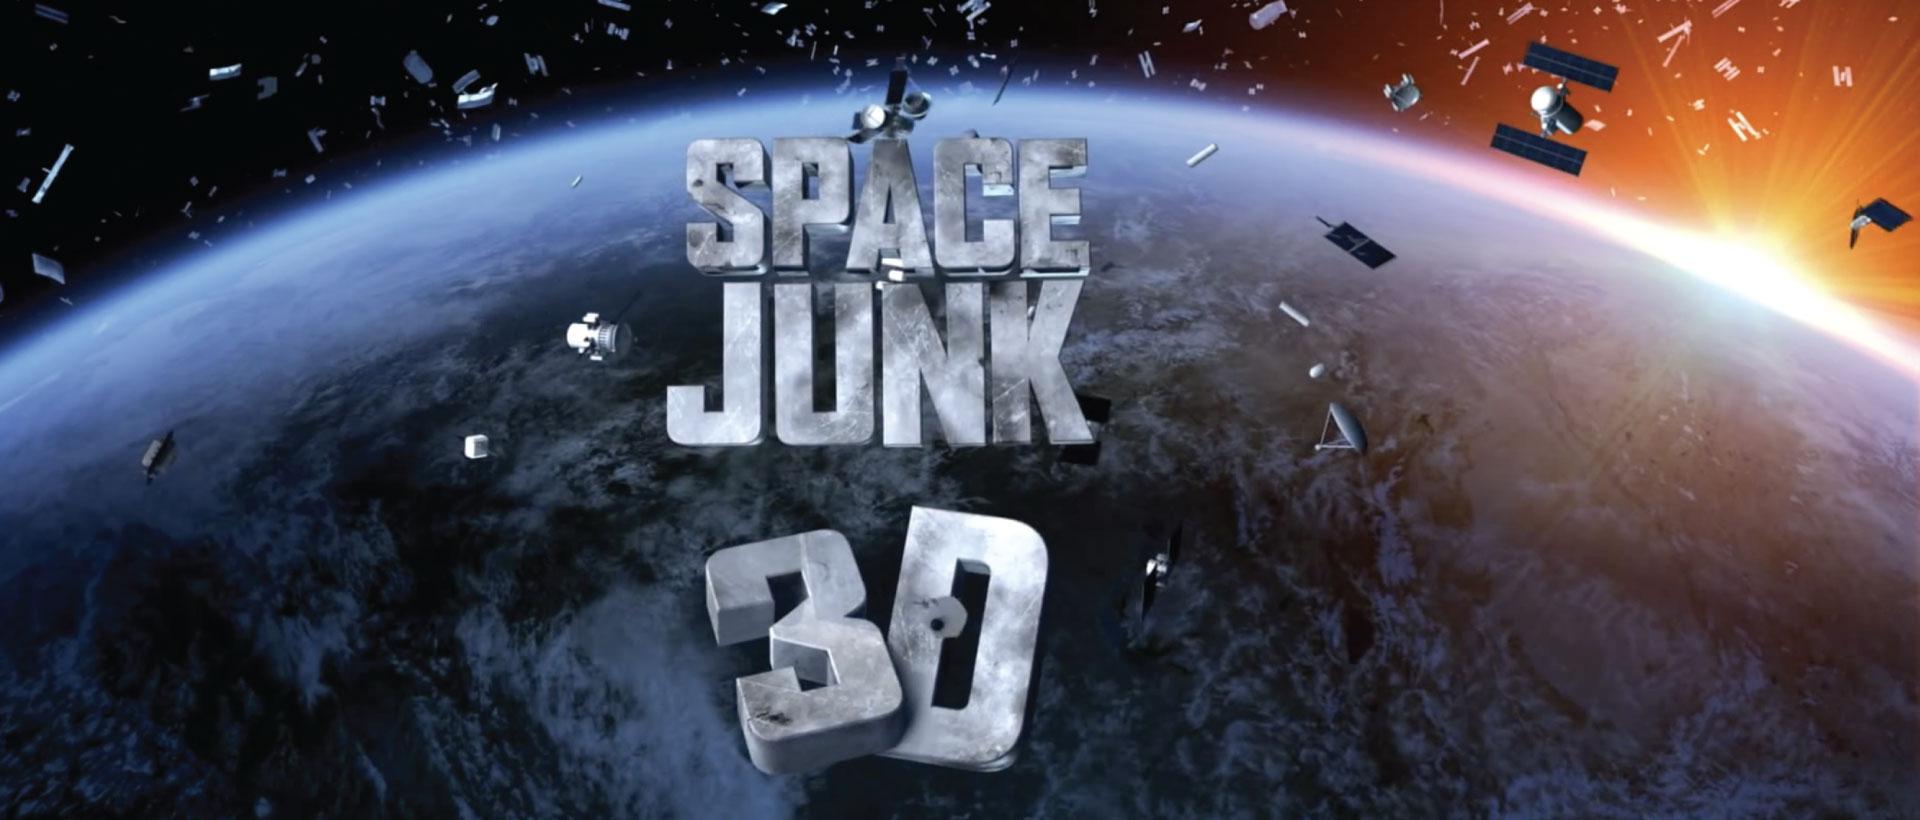 SpaceJunk3D-websiteslider